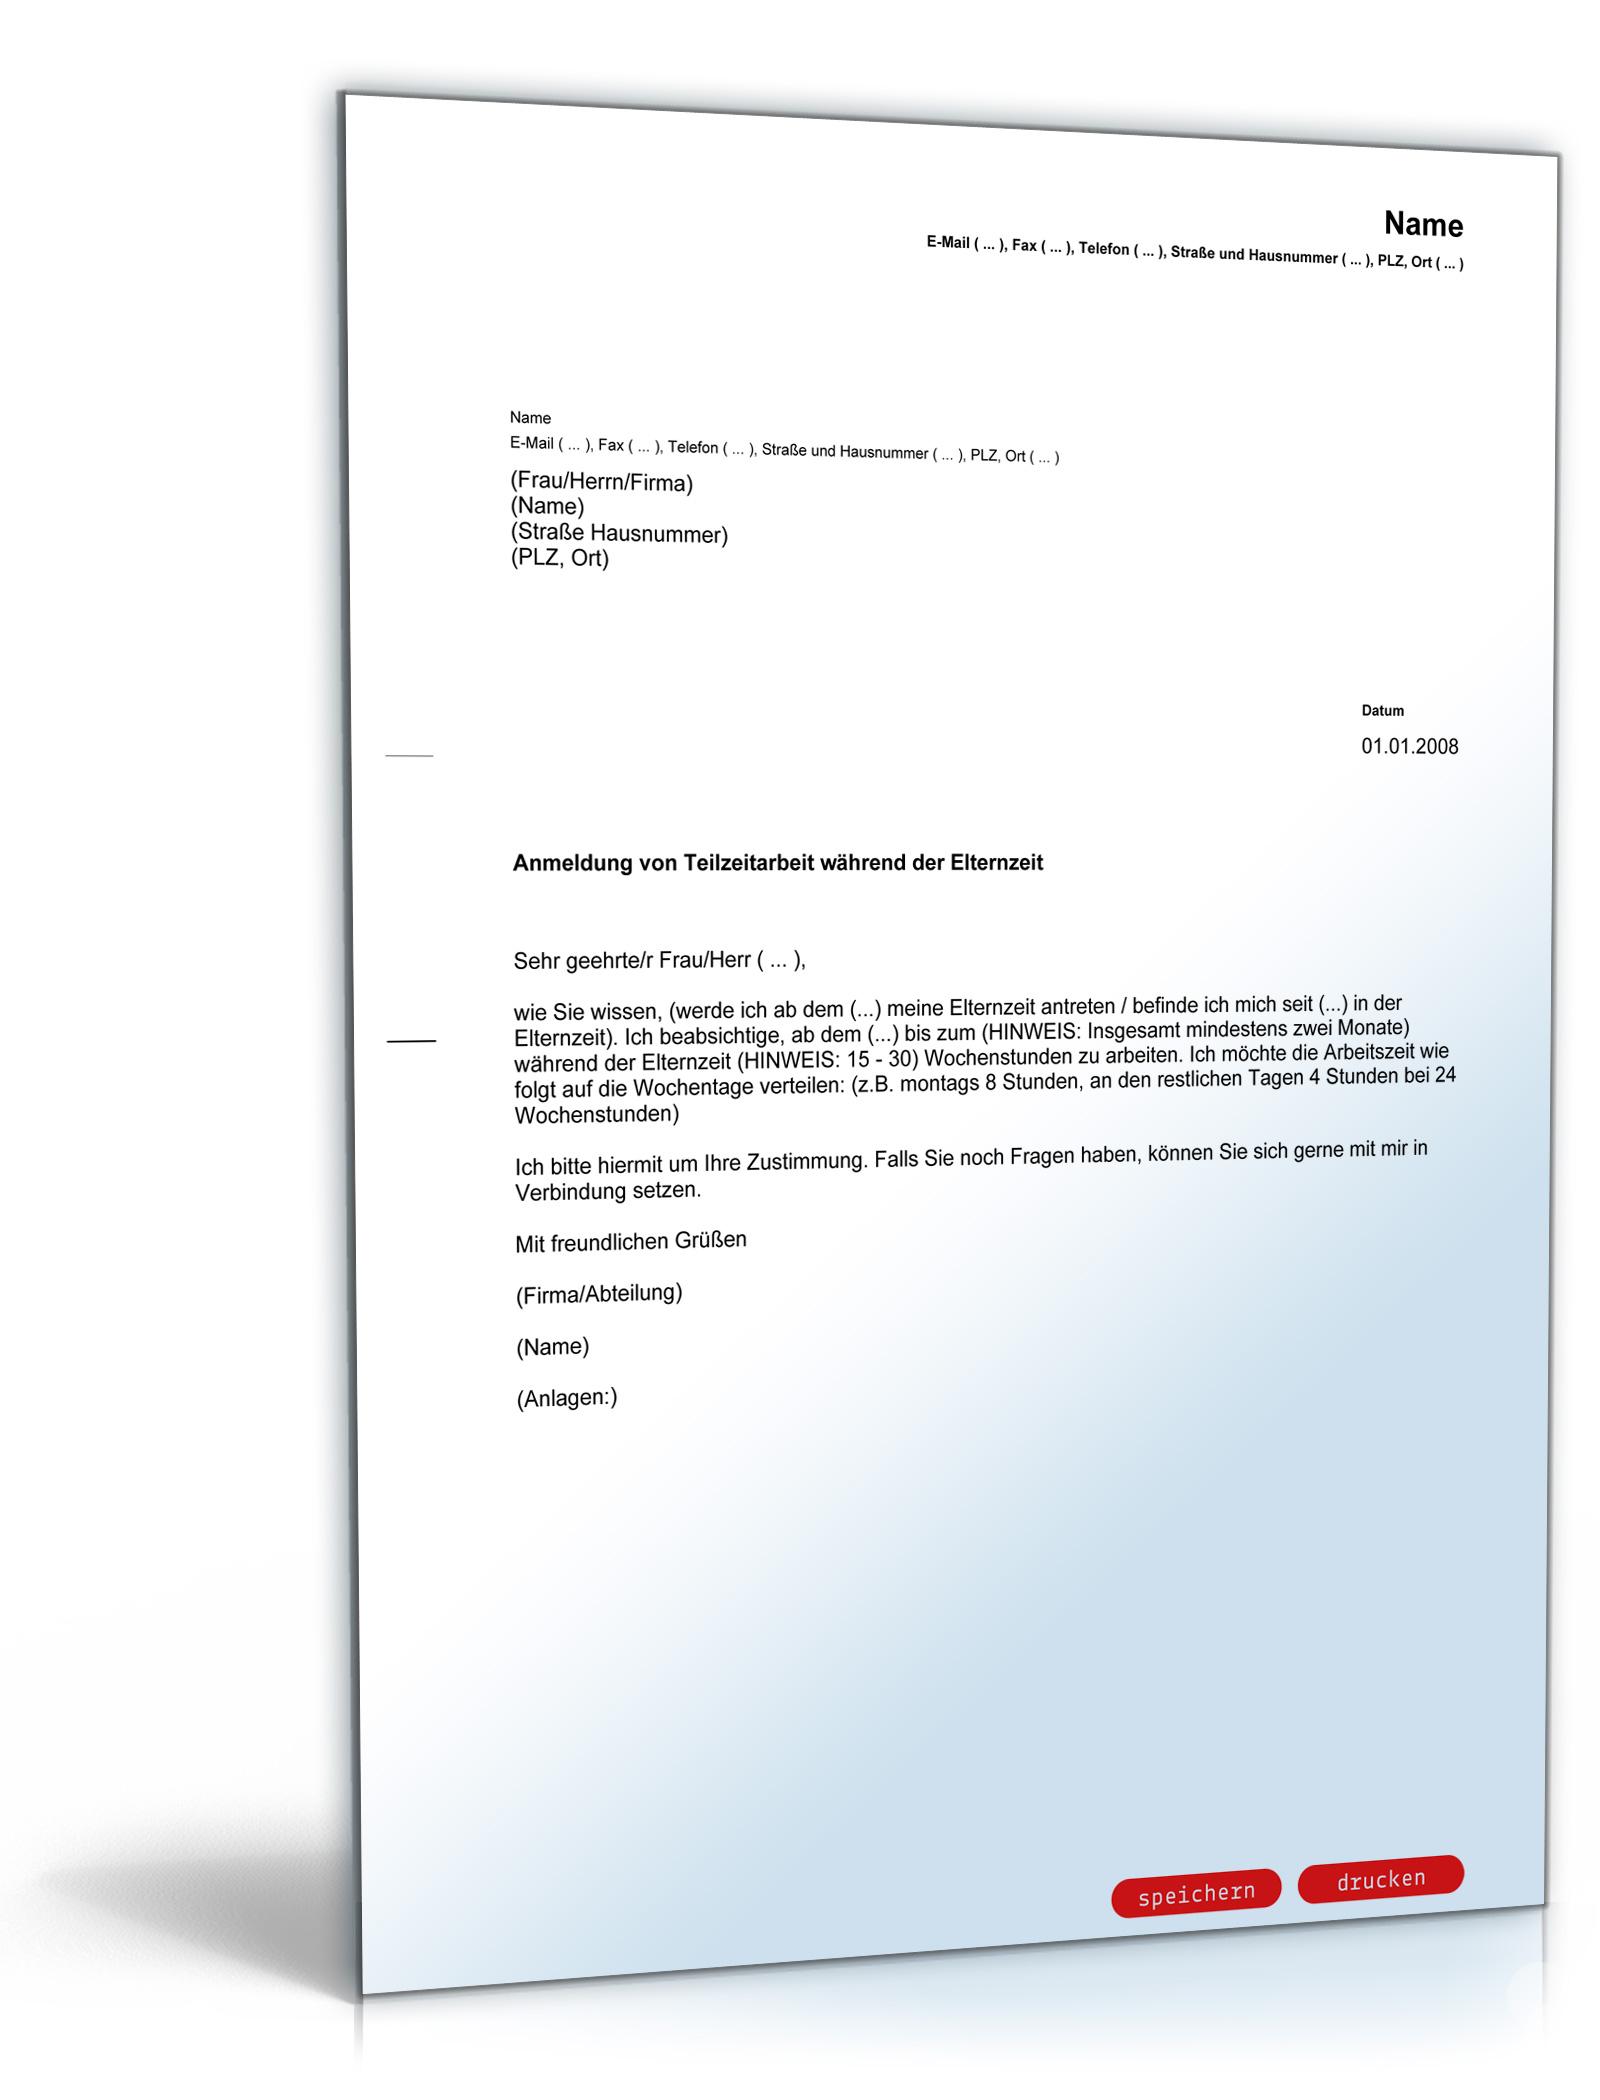 antrag teilzeitarbeit whrend elternzeit pdf download download amazonde software - Antrag Elternzeit Arbeitgeber Muster